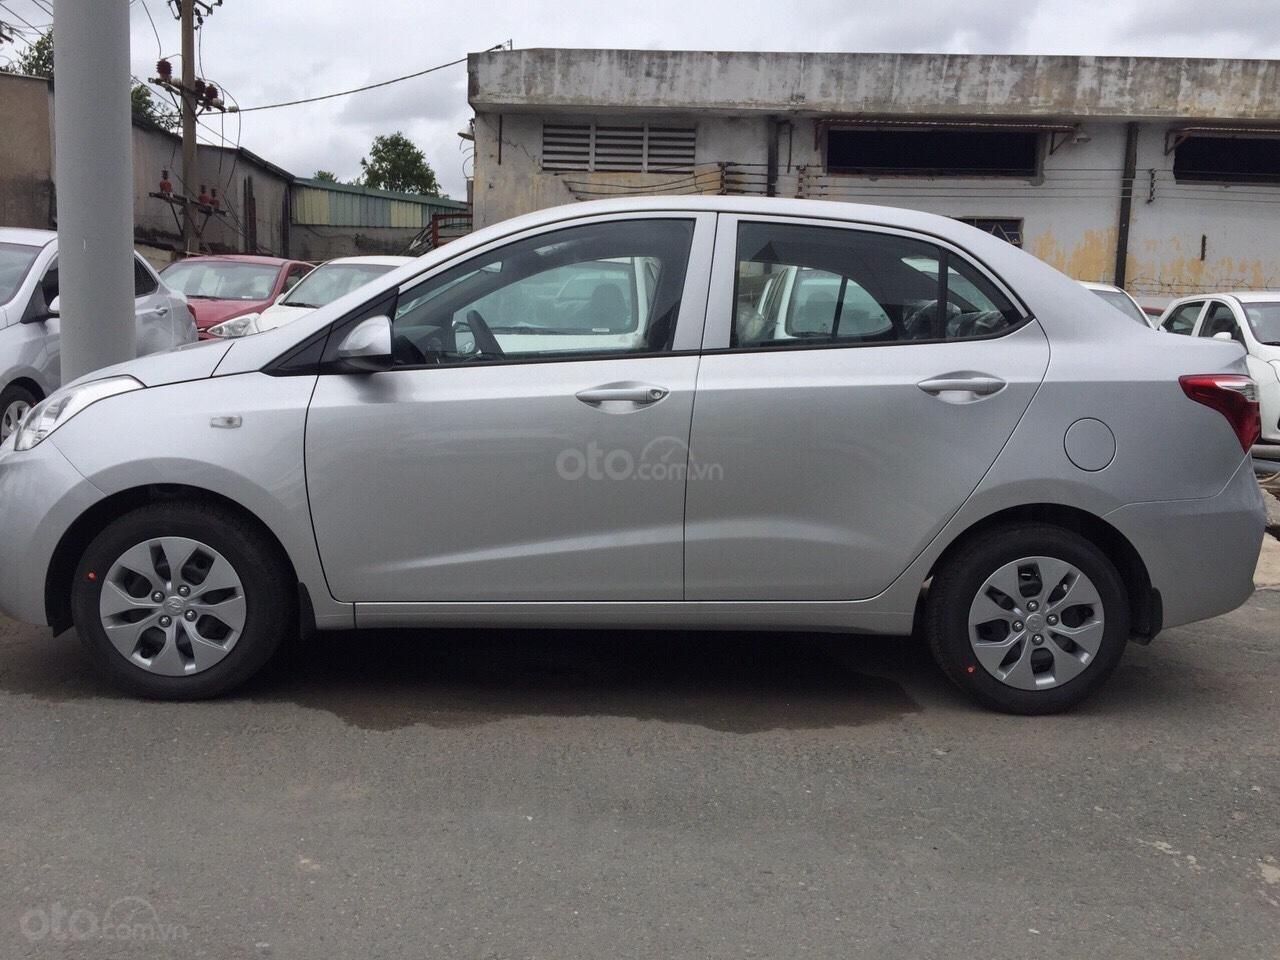 Grand i10 Sedan Taxi mua ngay chỉ từ 120 triệu. Tặng kèm phụ kiện chính hãng (1)